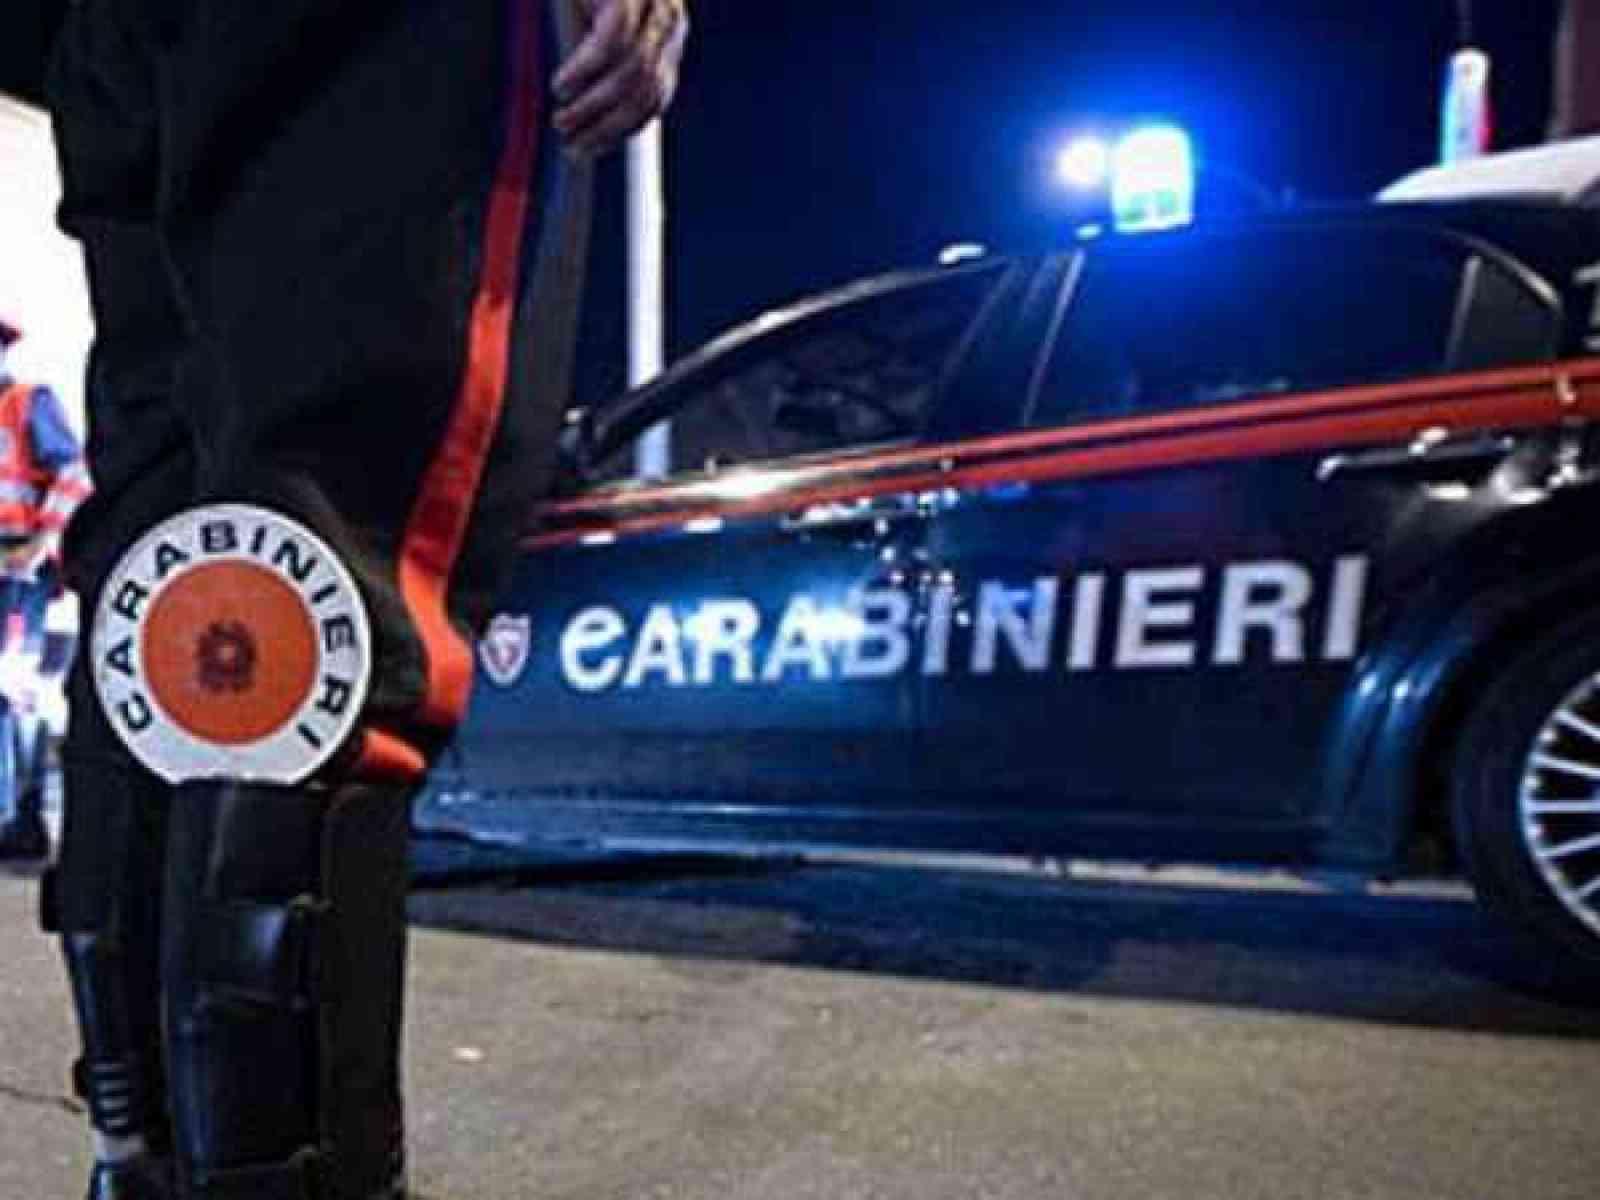 Immagine articolo: S. Margherita, in auto con una pistola calibro 9 semiautomatica. Denunciato impreditore agricolo